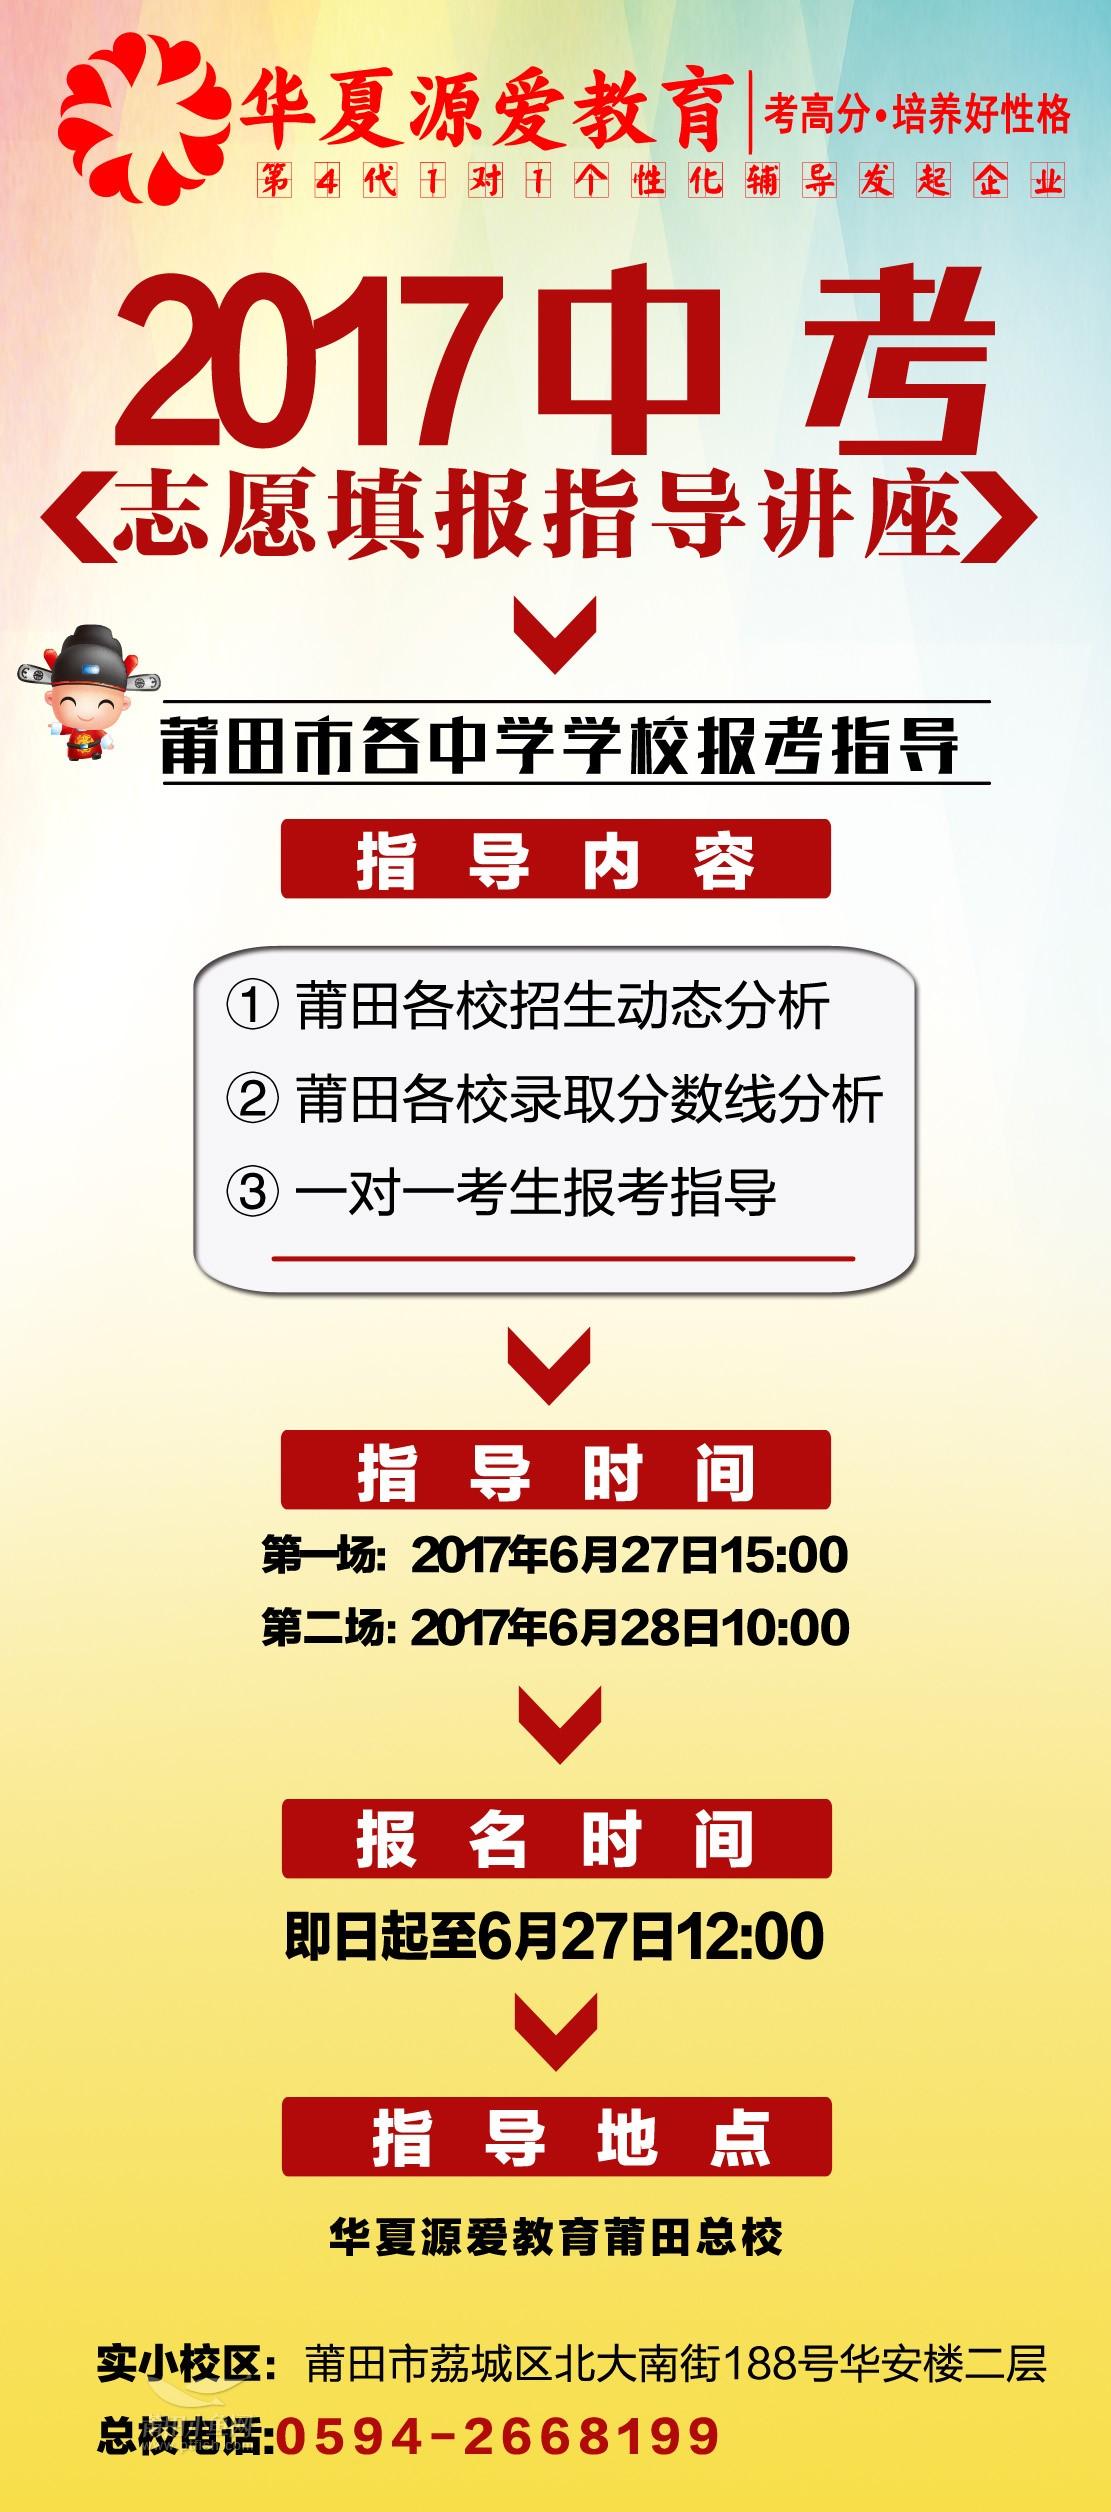 2017中考志愿填报指导讲座